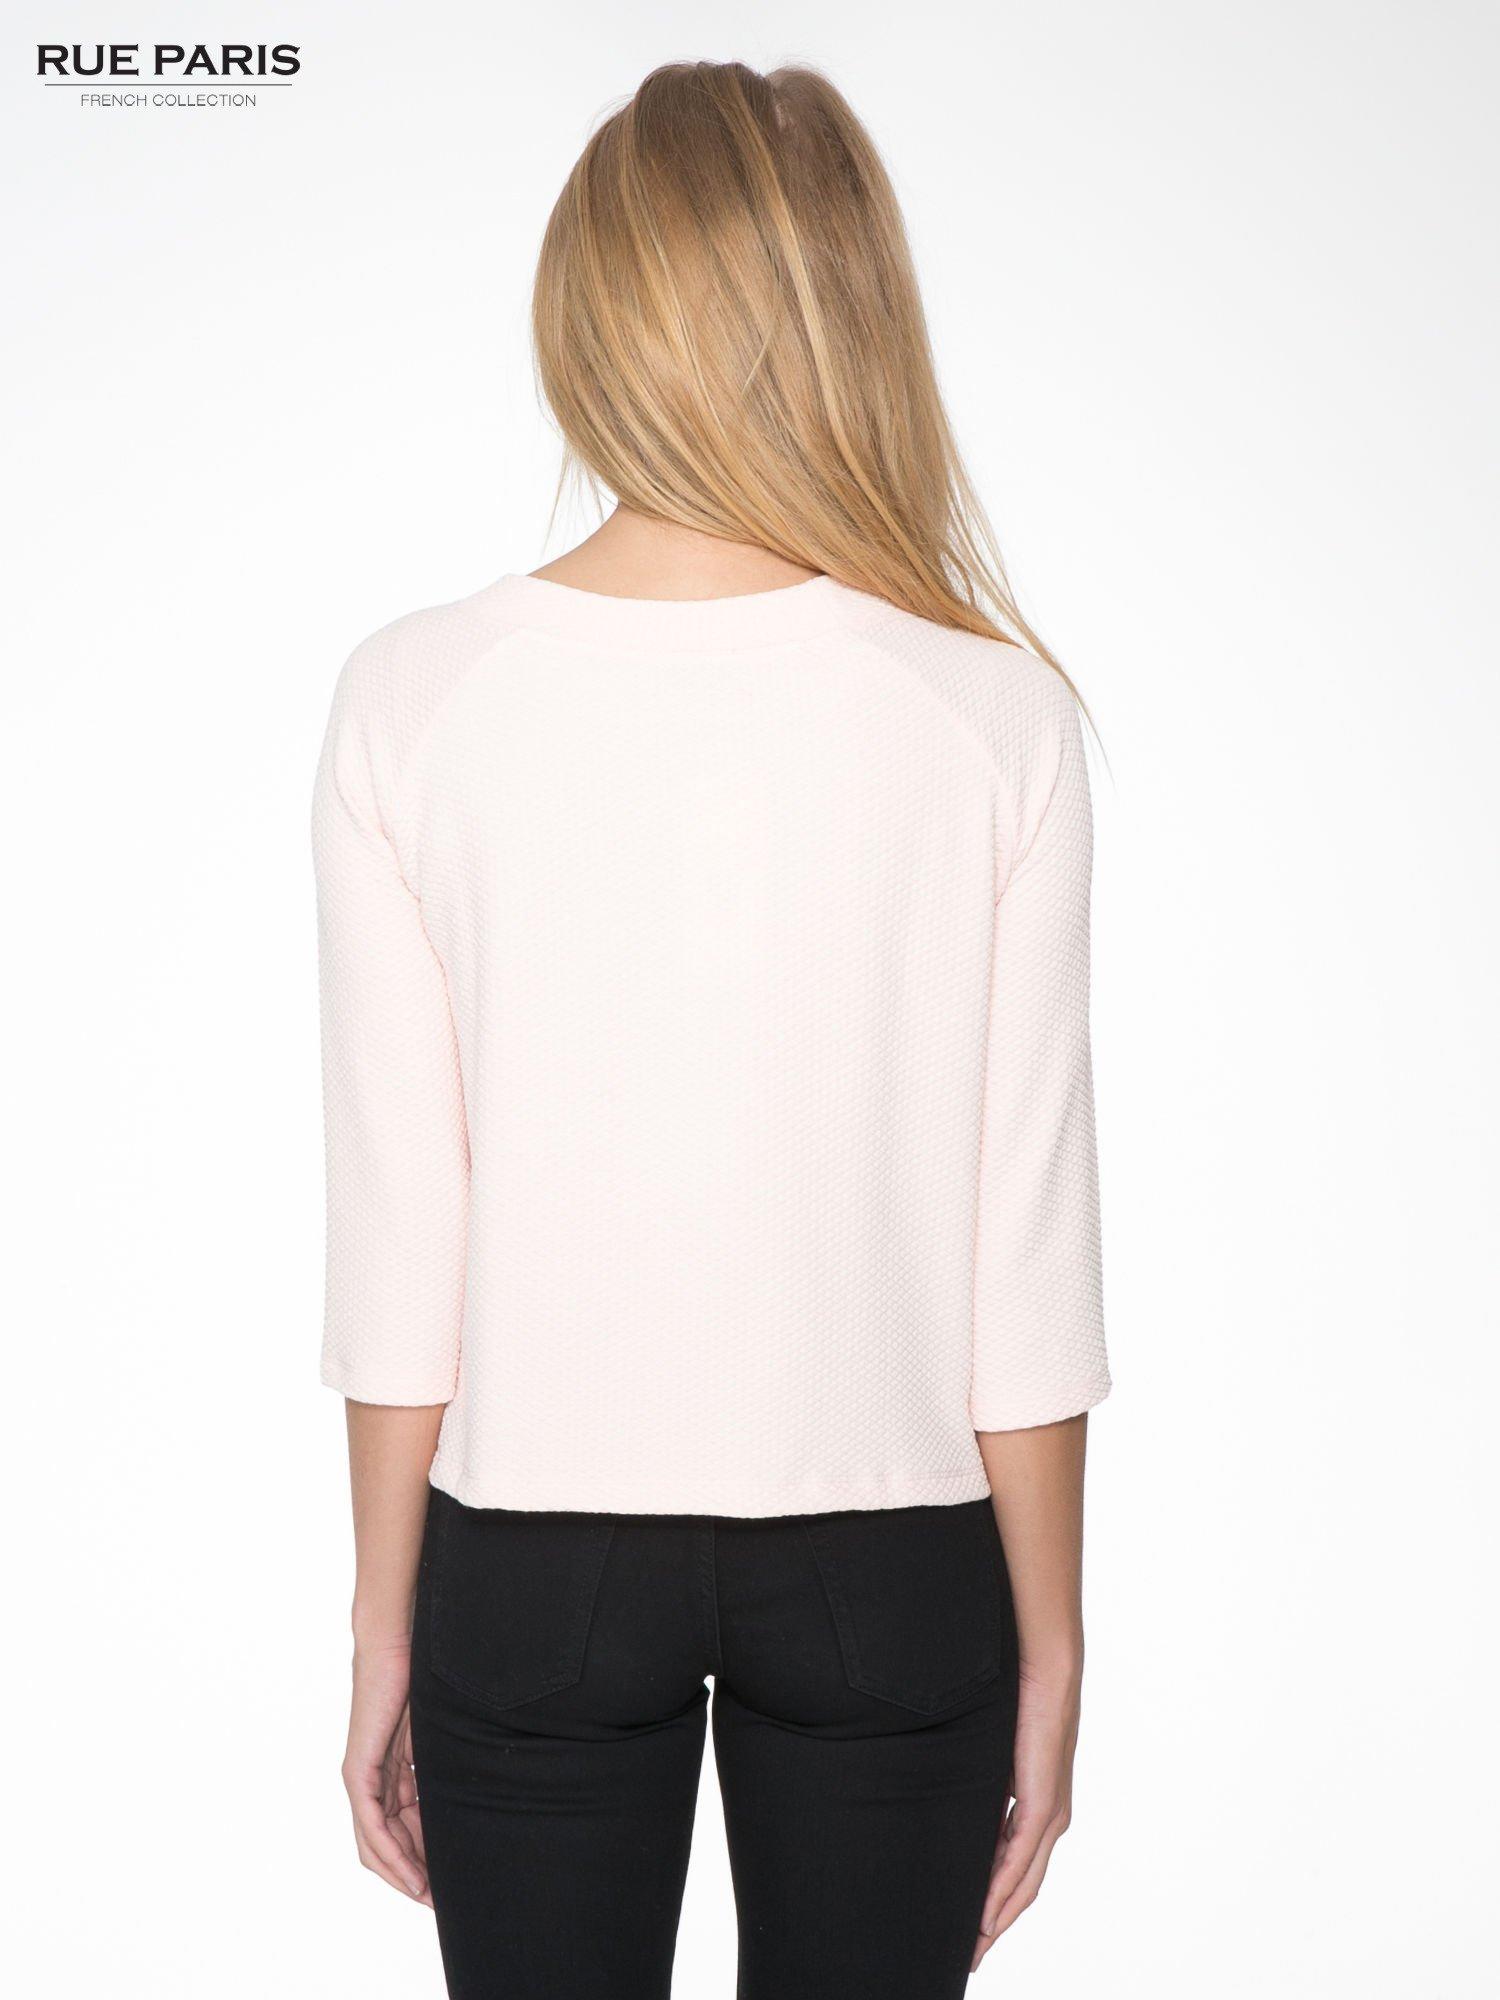 Różowa fakturowana bluzka z kimonowym rękawem długości 3/4                                  zdj.                                  4